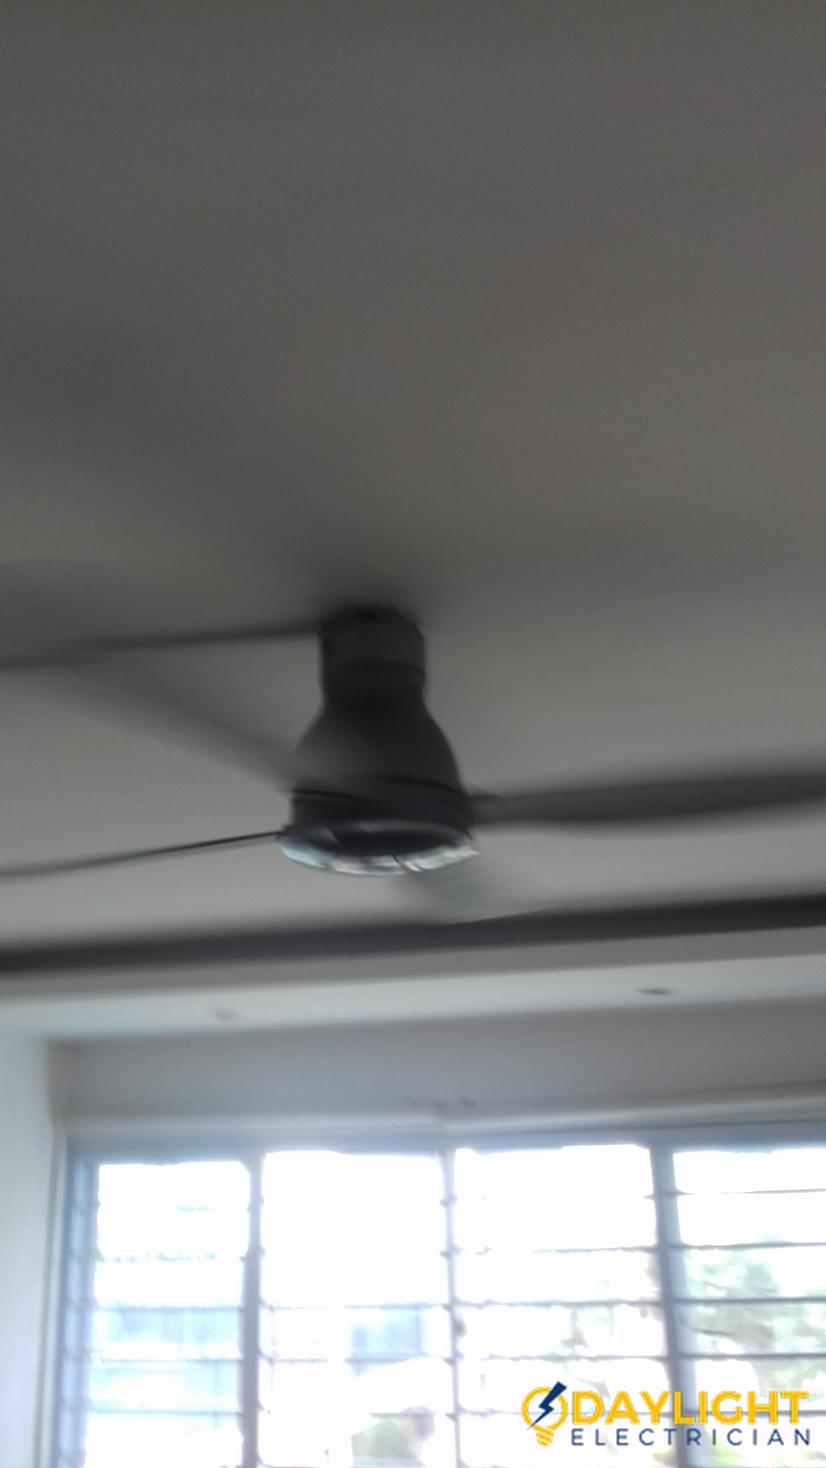 Ceiling-Fan-Replacement-Electrician-Singapore-HDB-Telok-Blangah-4_wm